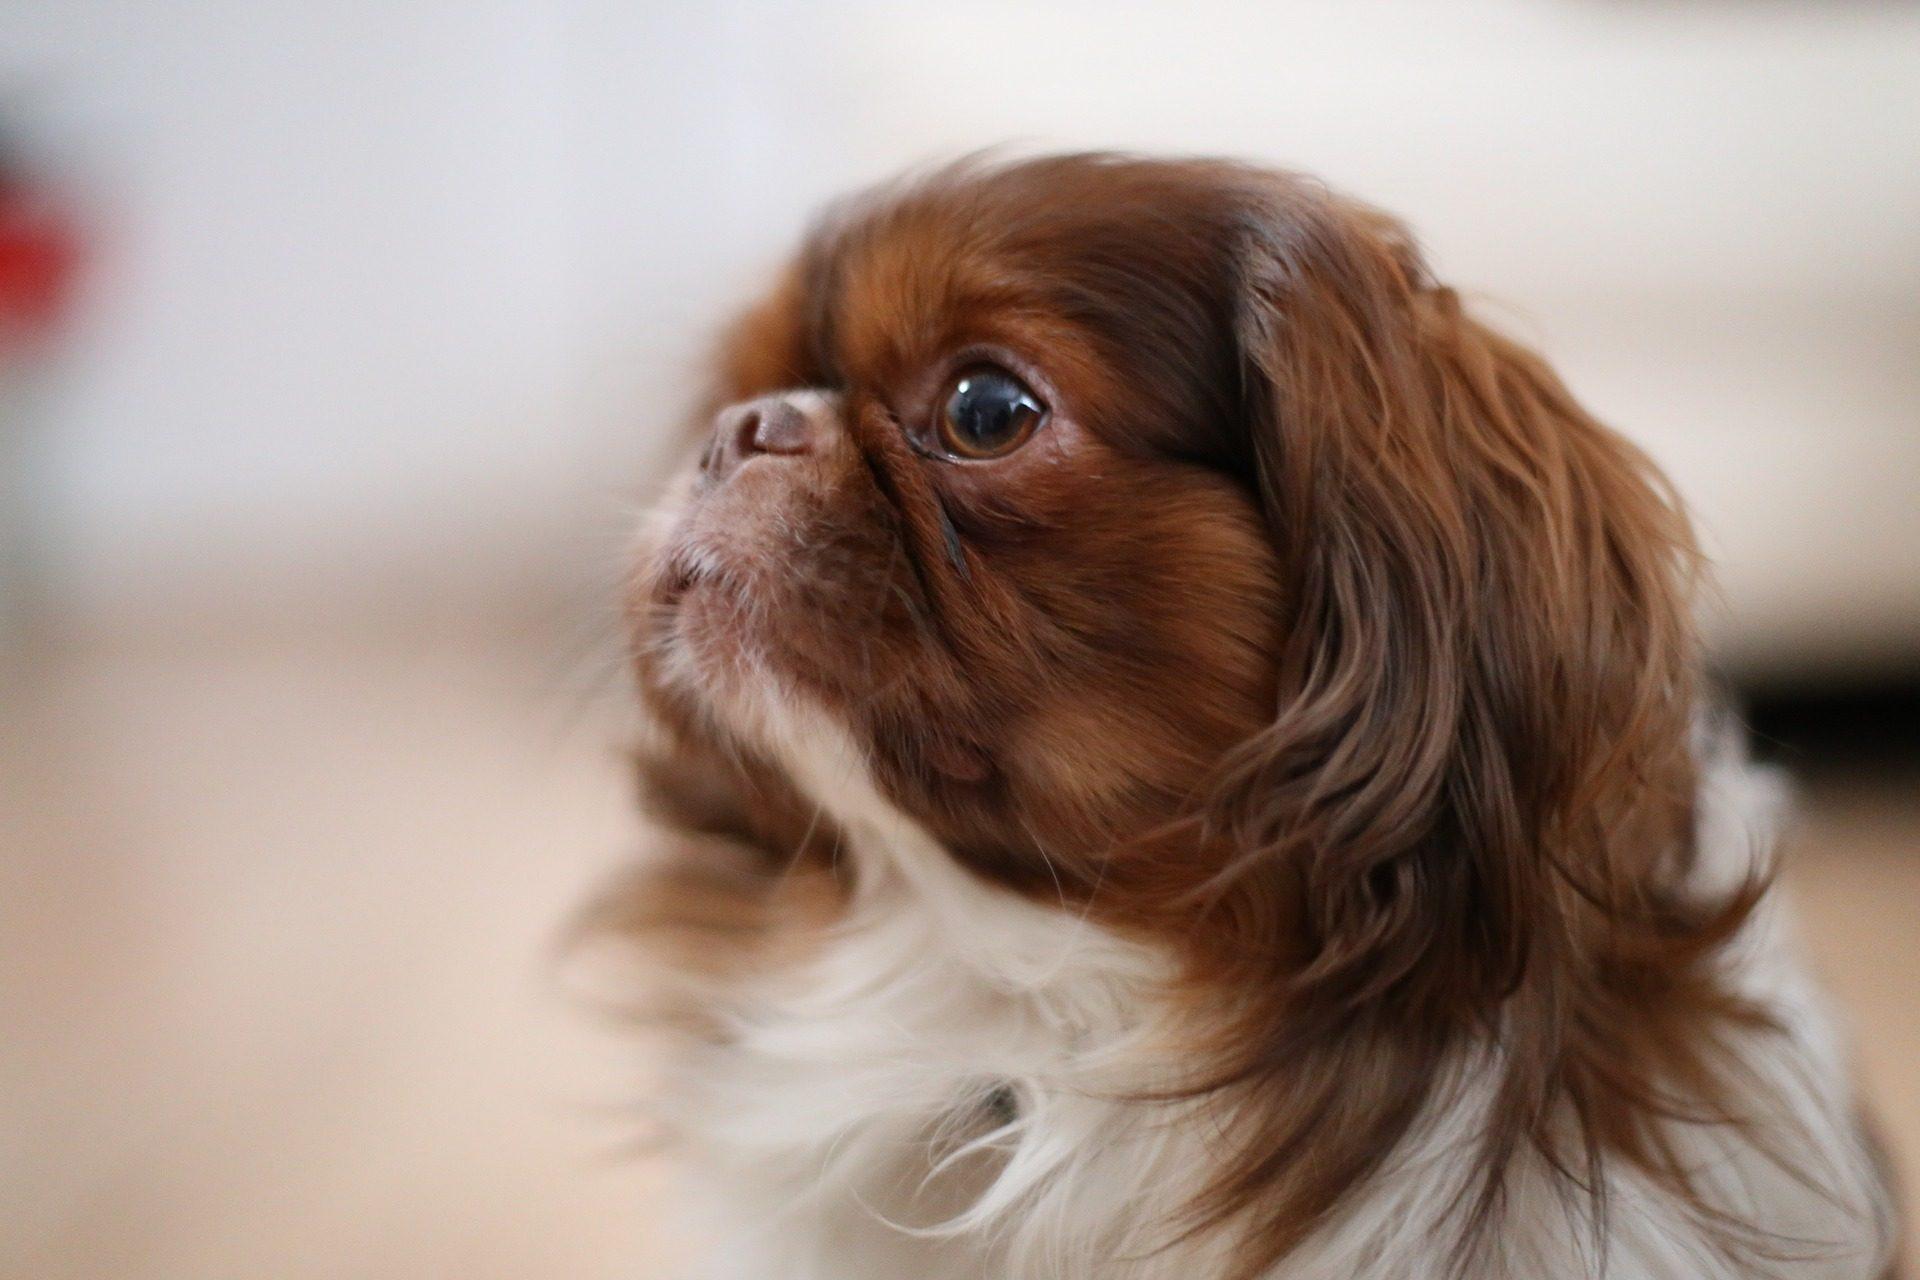 狗, 宠物, 朋友, 毛皮, 看看 - 高清壁纸 - 教授-falken.com